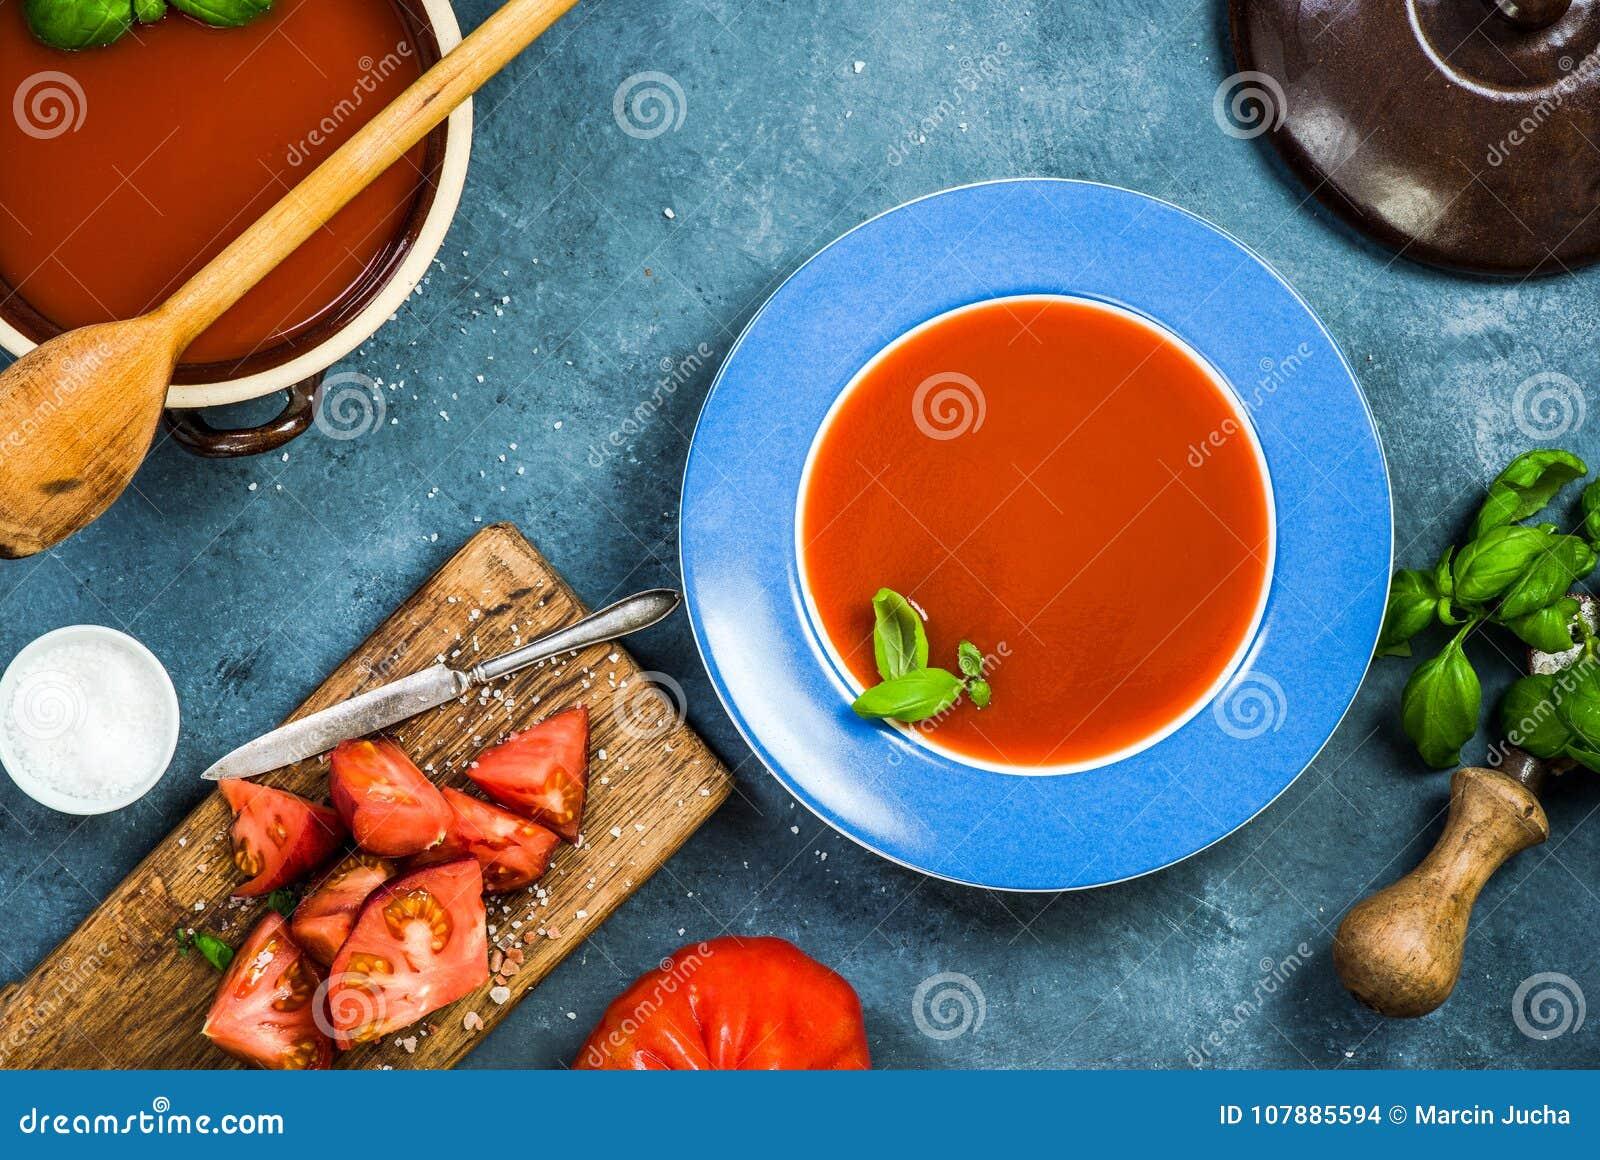 Υγιής κατανάλωση, φρέσκο κρεμώδης gazpacho ή σούπα ντοματών